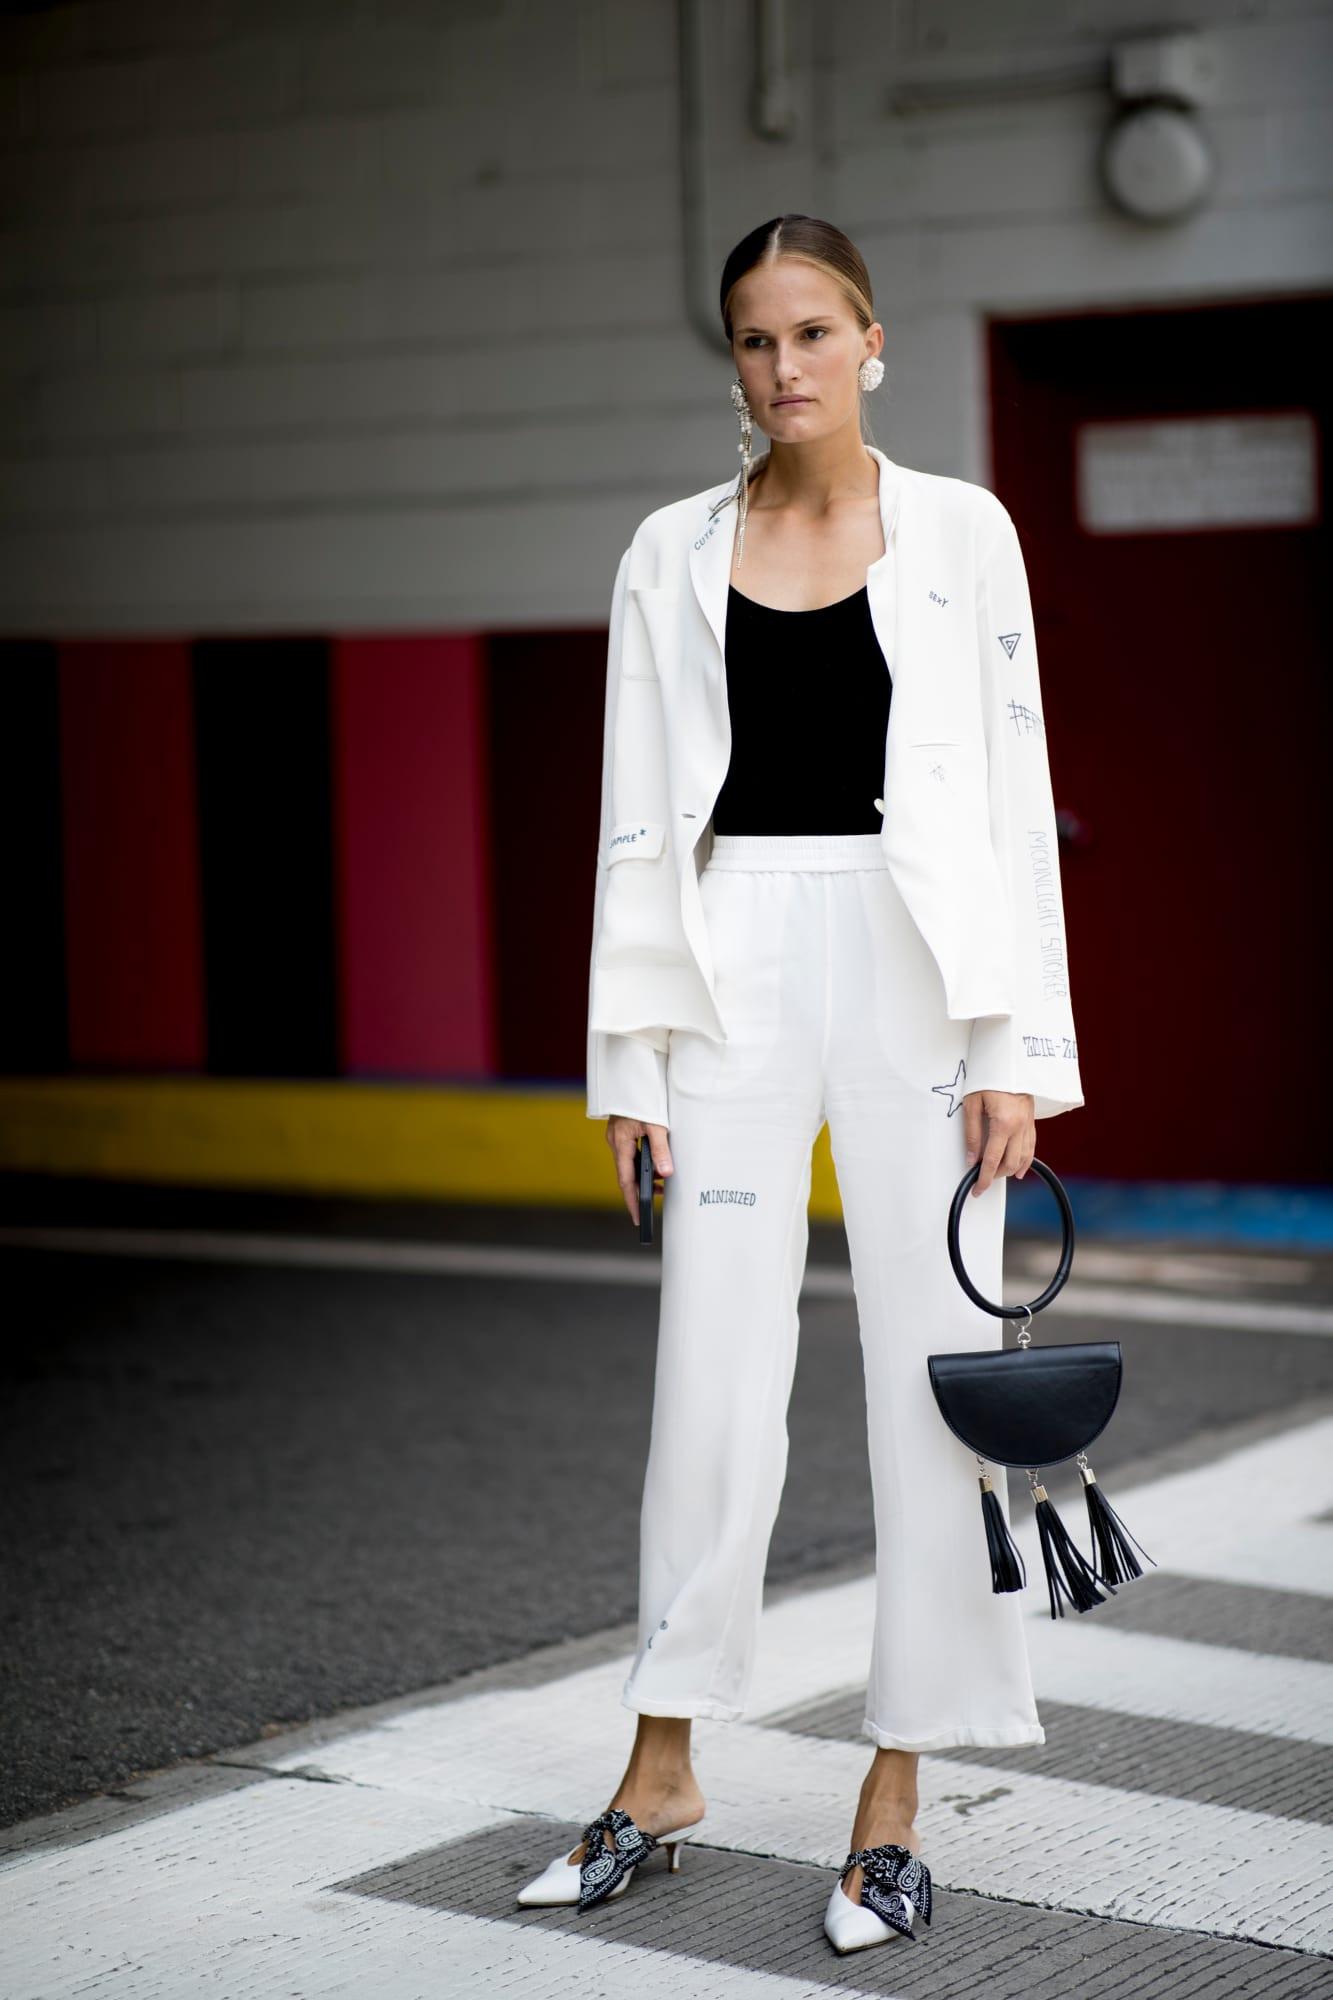 أسبوع الموضة في نيويورك - المابس العملية